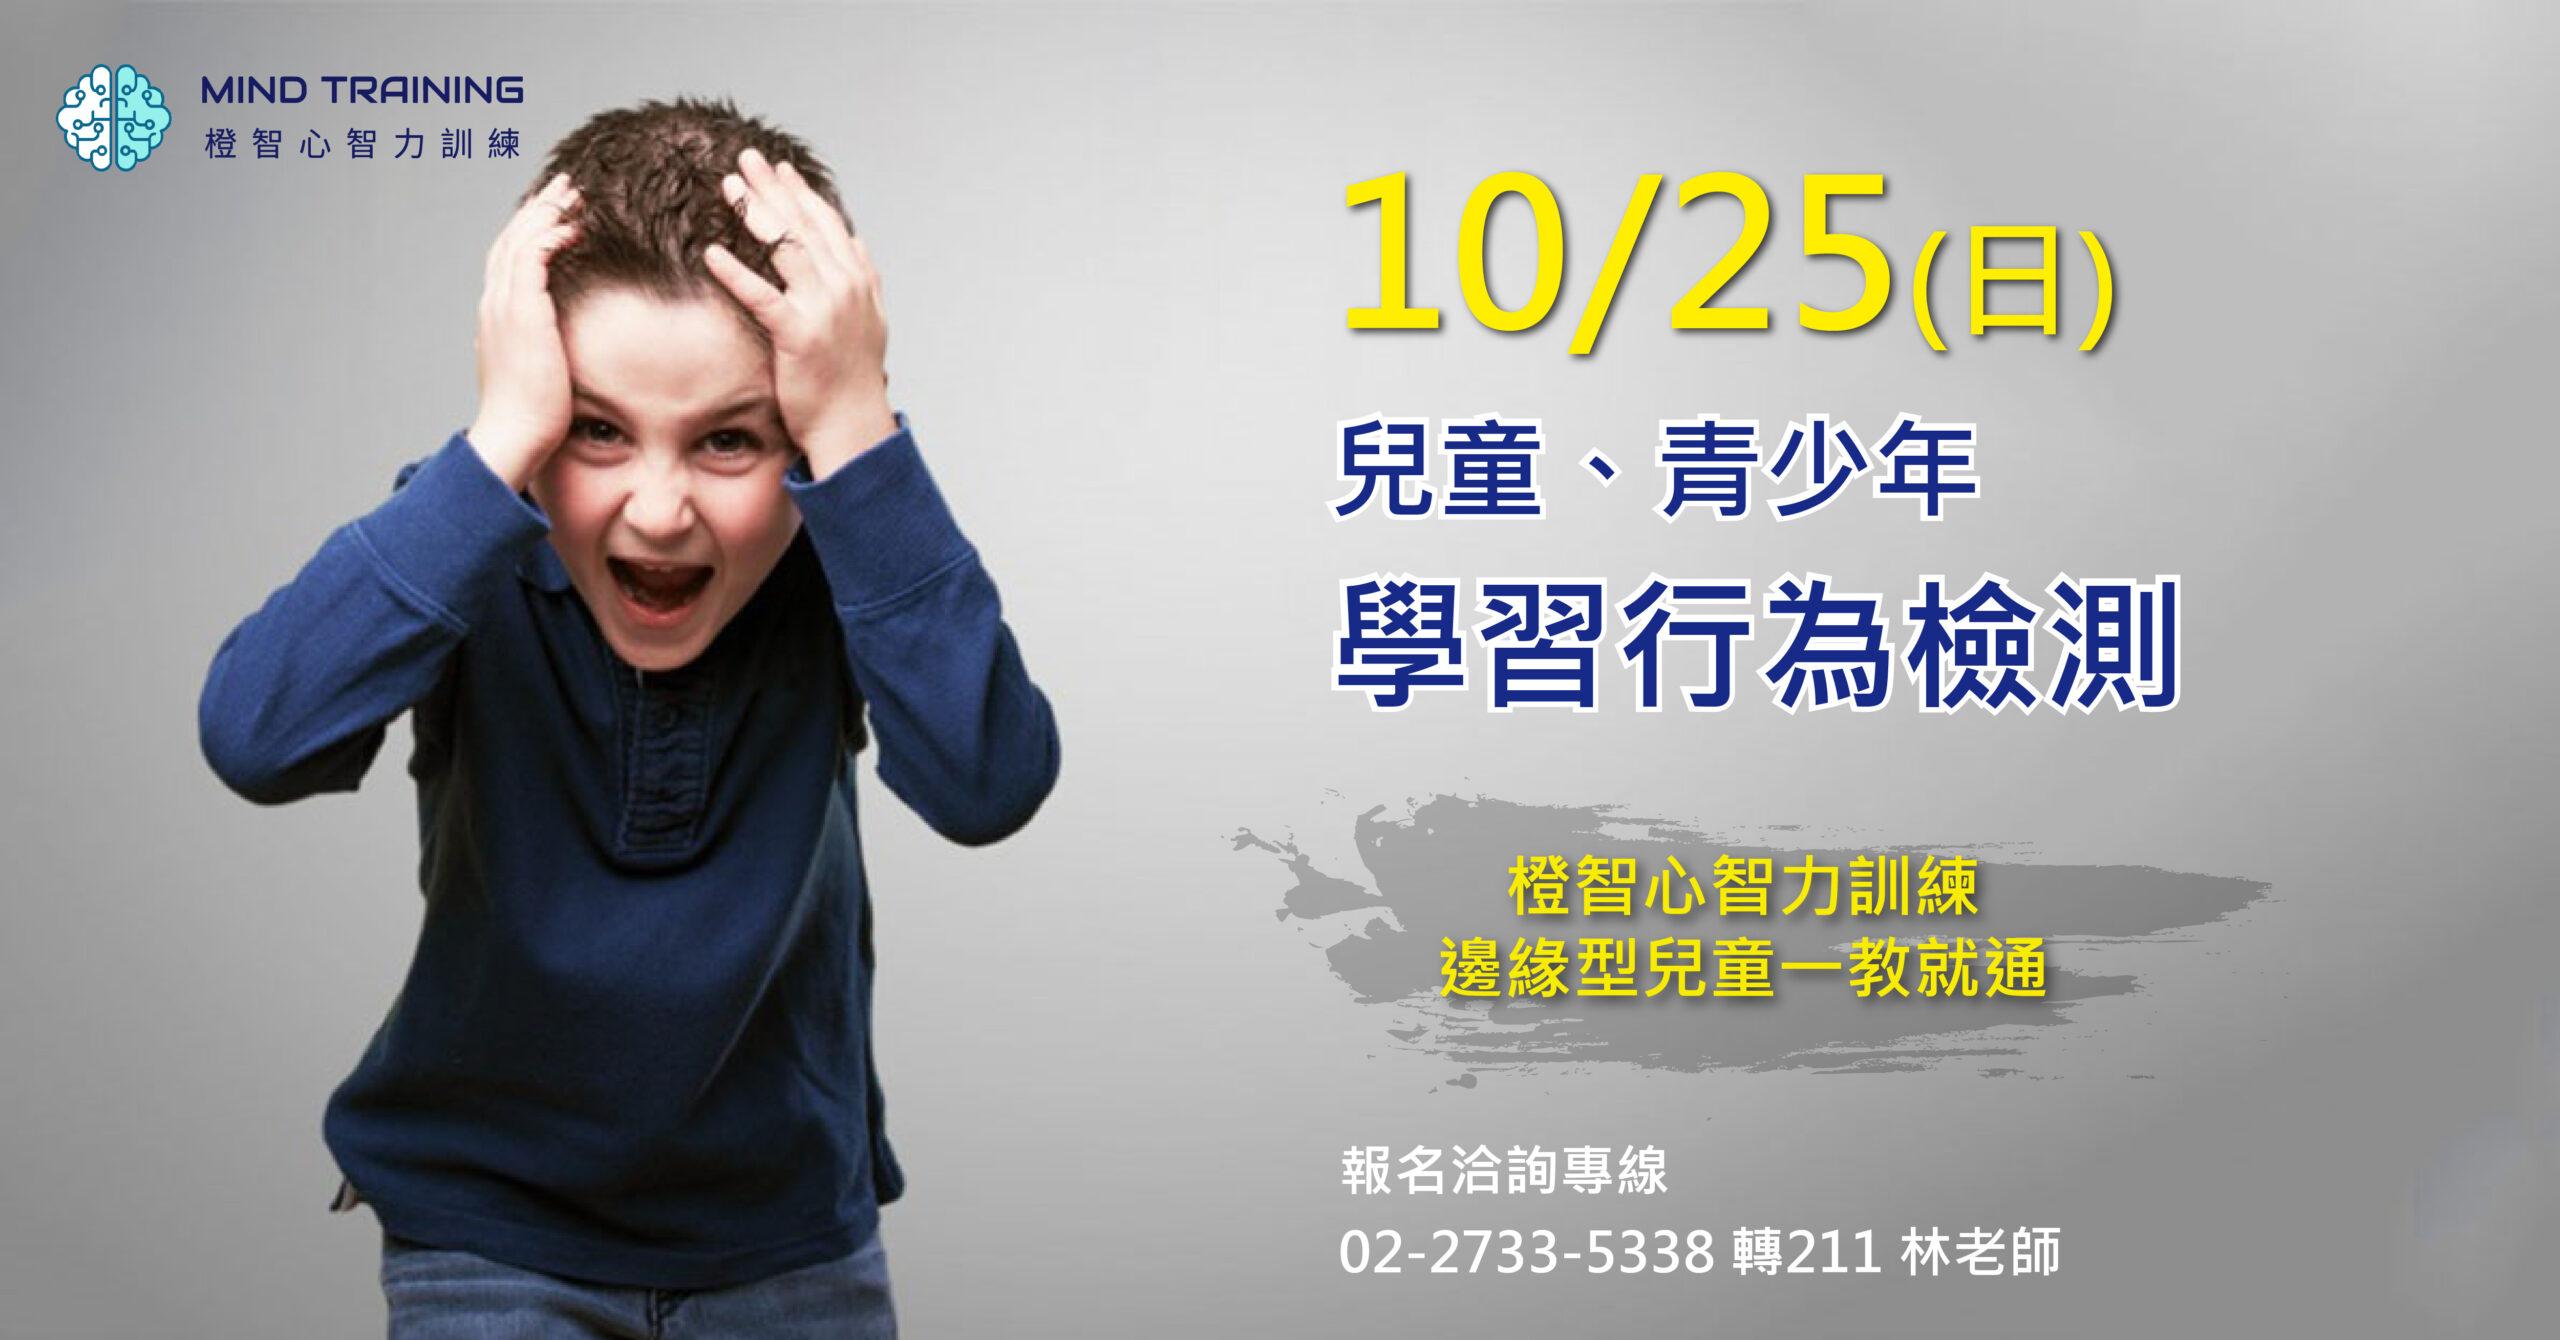 【台北場】10/25兒童/青少年學習行為檢測